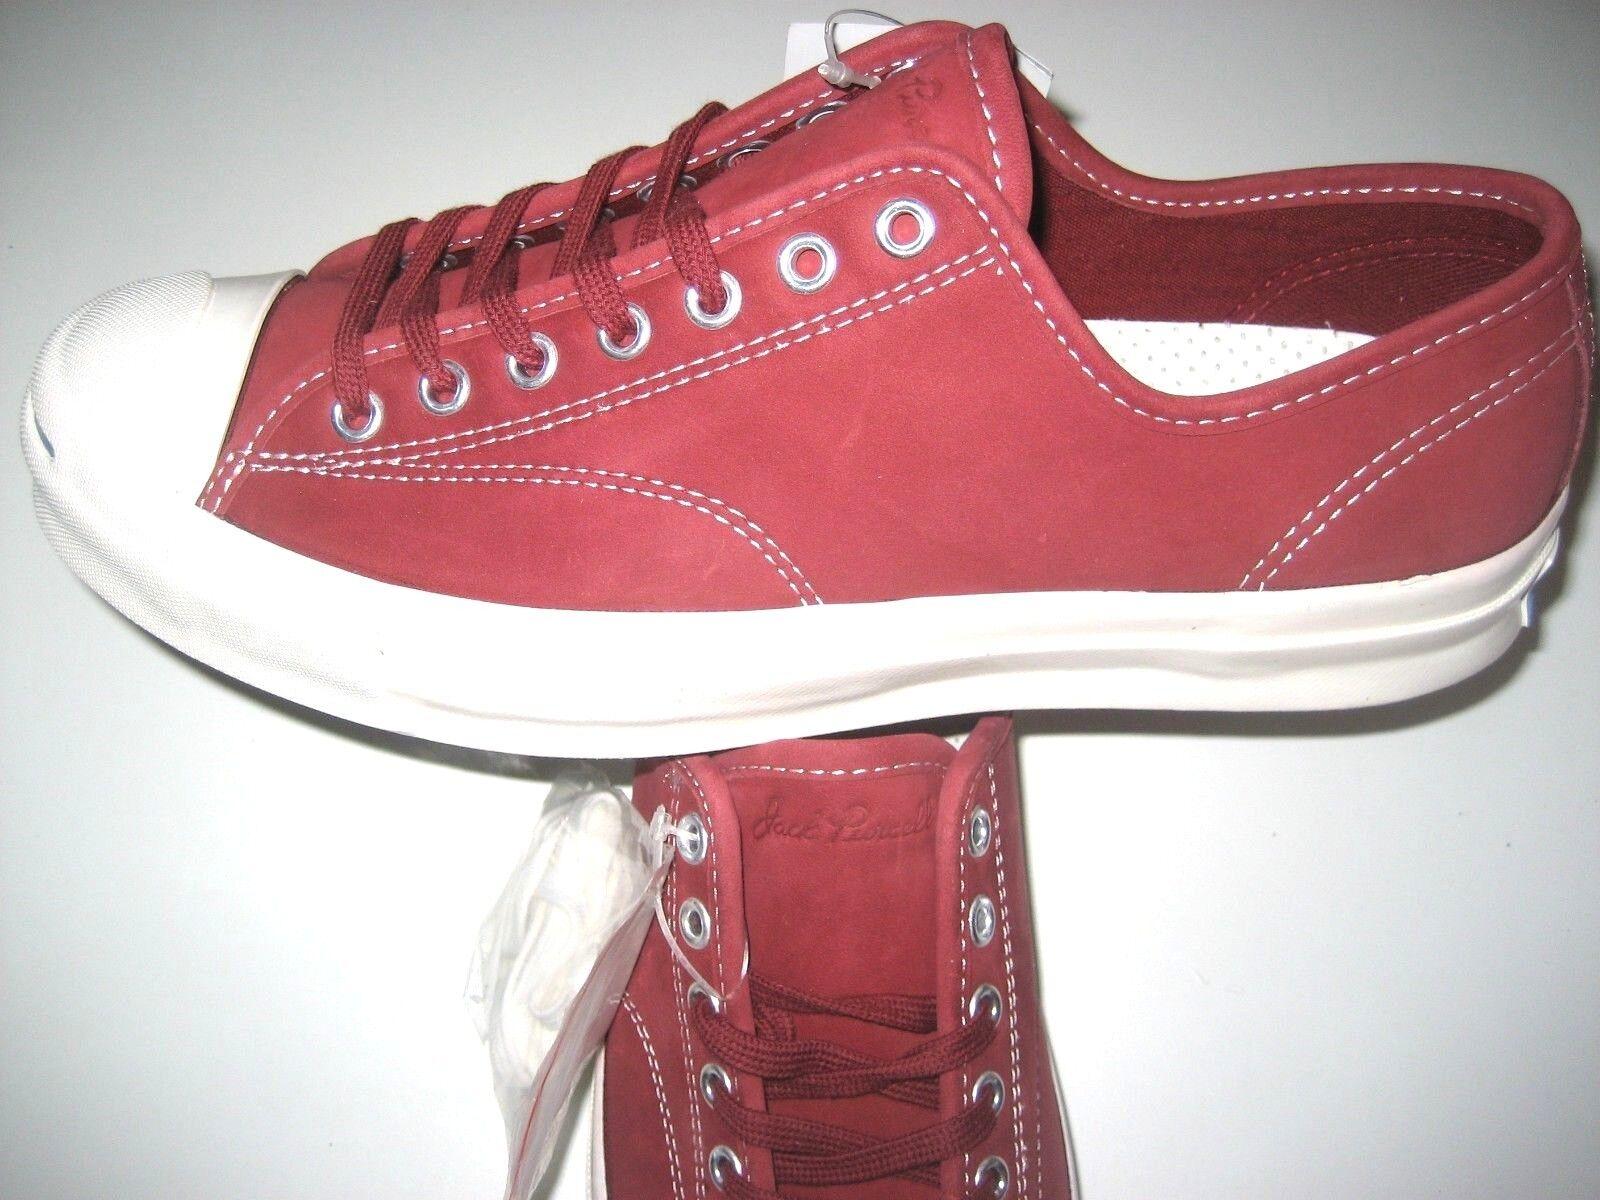 Zapatos Jack  De Cuero Converse Jack Zapatos Purcell JP firma Ox Hombre Rojo Bloque Nuevo 91619c